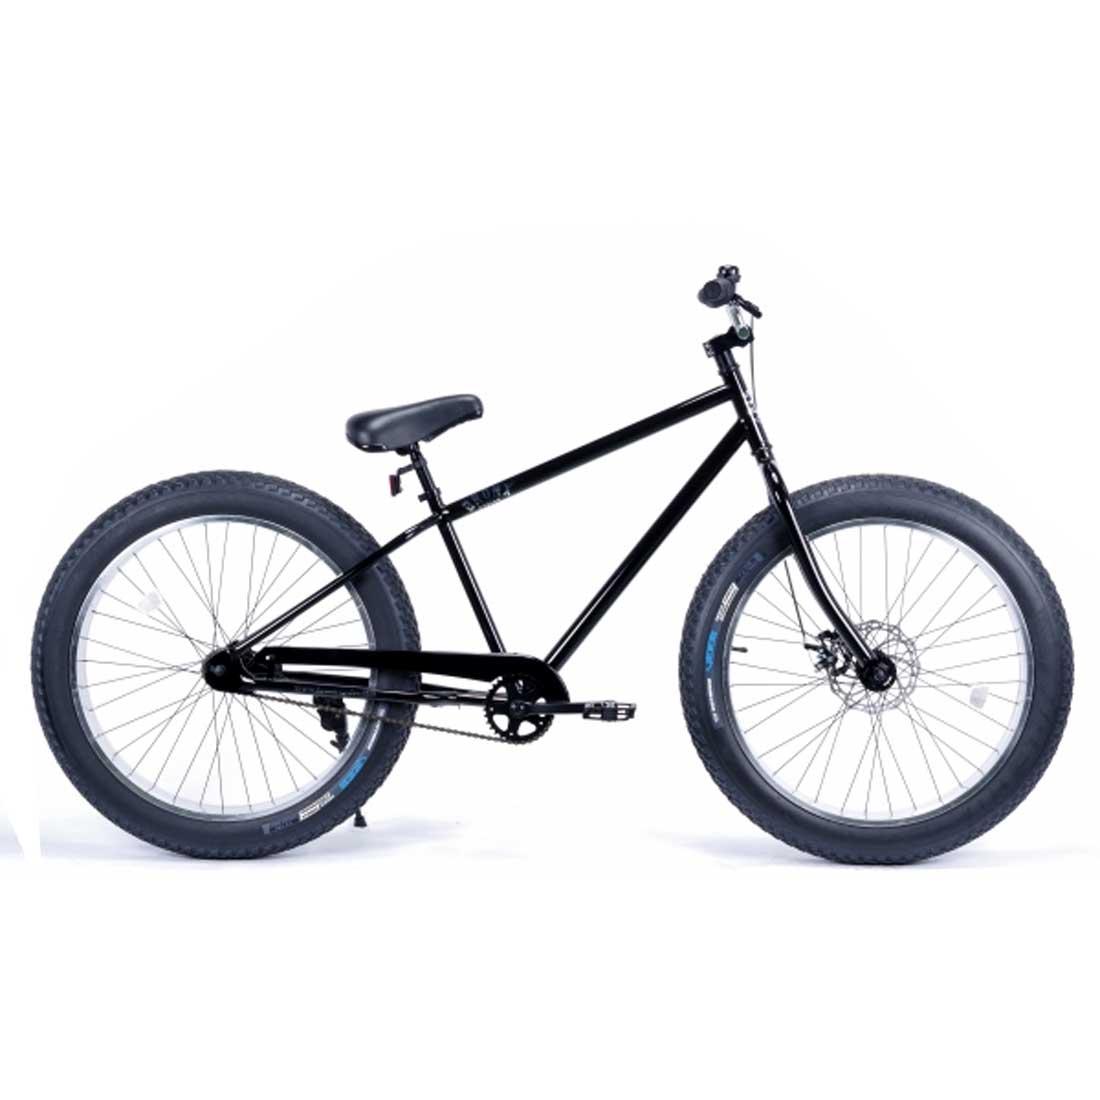 ファットバイク 26インチ 極太タイヤ 限定 おしゃれ 自転車 通勤 通学 ブロンクスファットバイク 26BRONX-4.0 グロスブラック×ポリッシュリム メンズ レディース